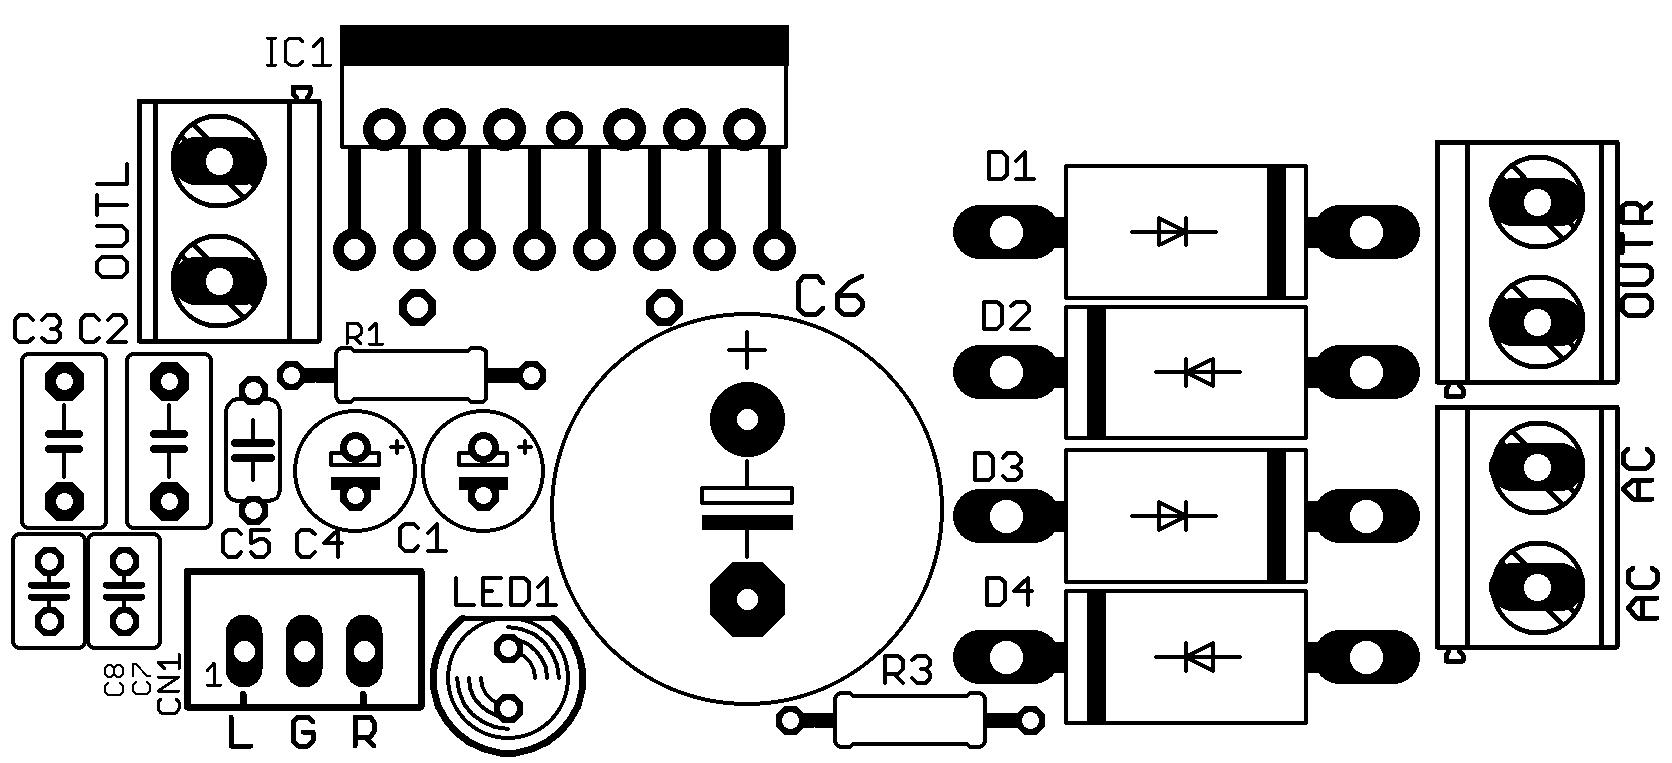 amplificador 2 1 com subwoofer com ci tda7379 tda7377